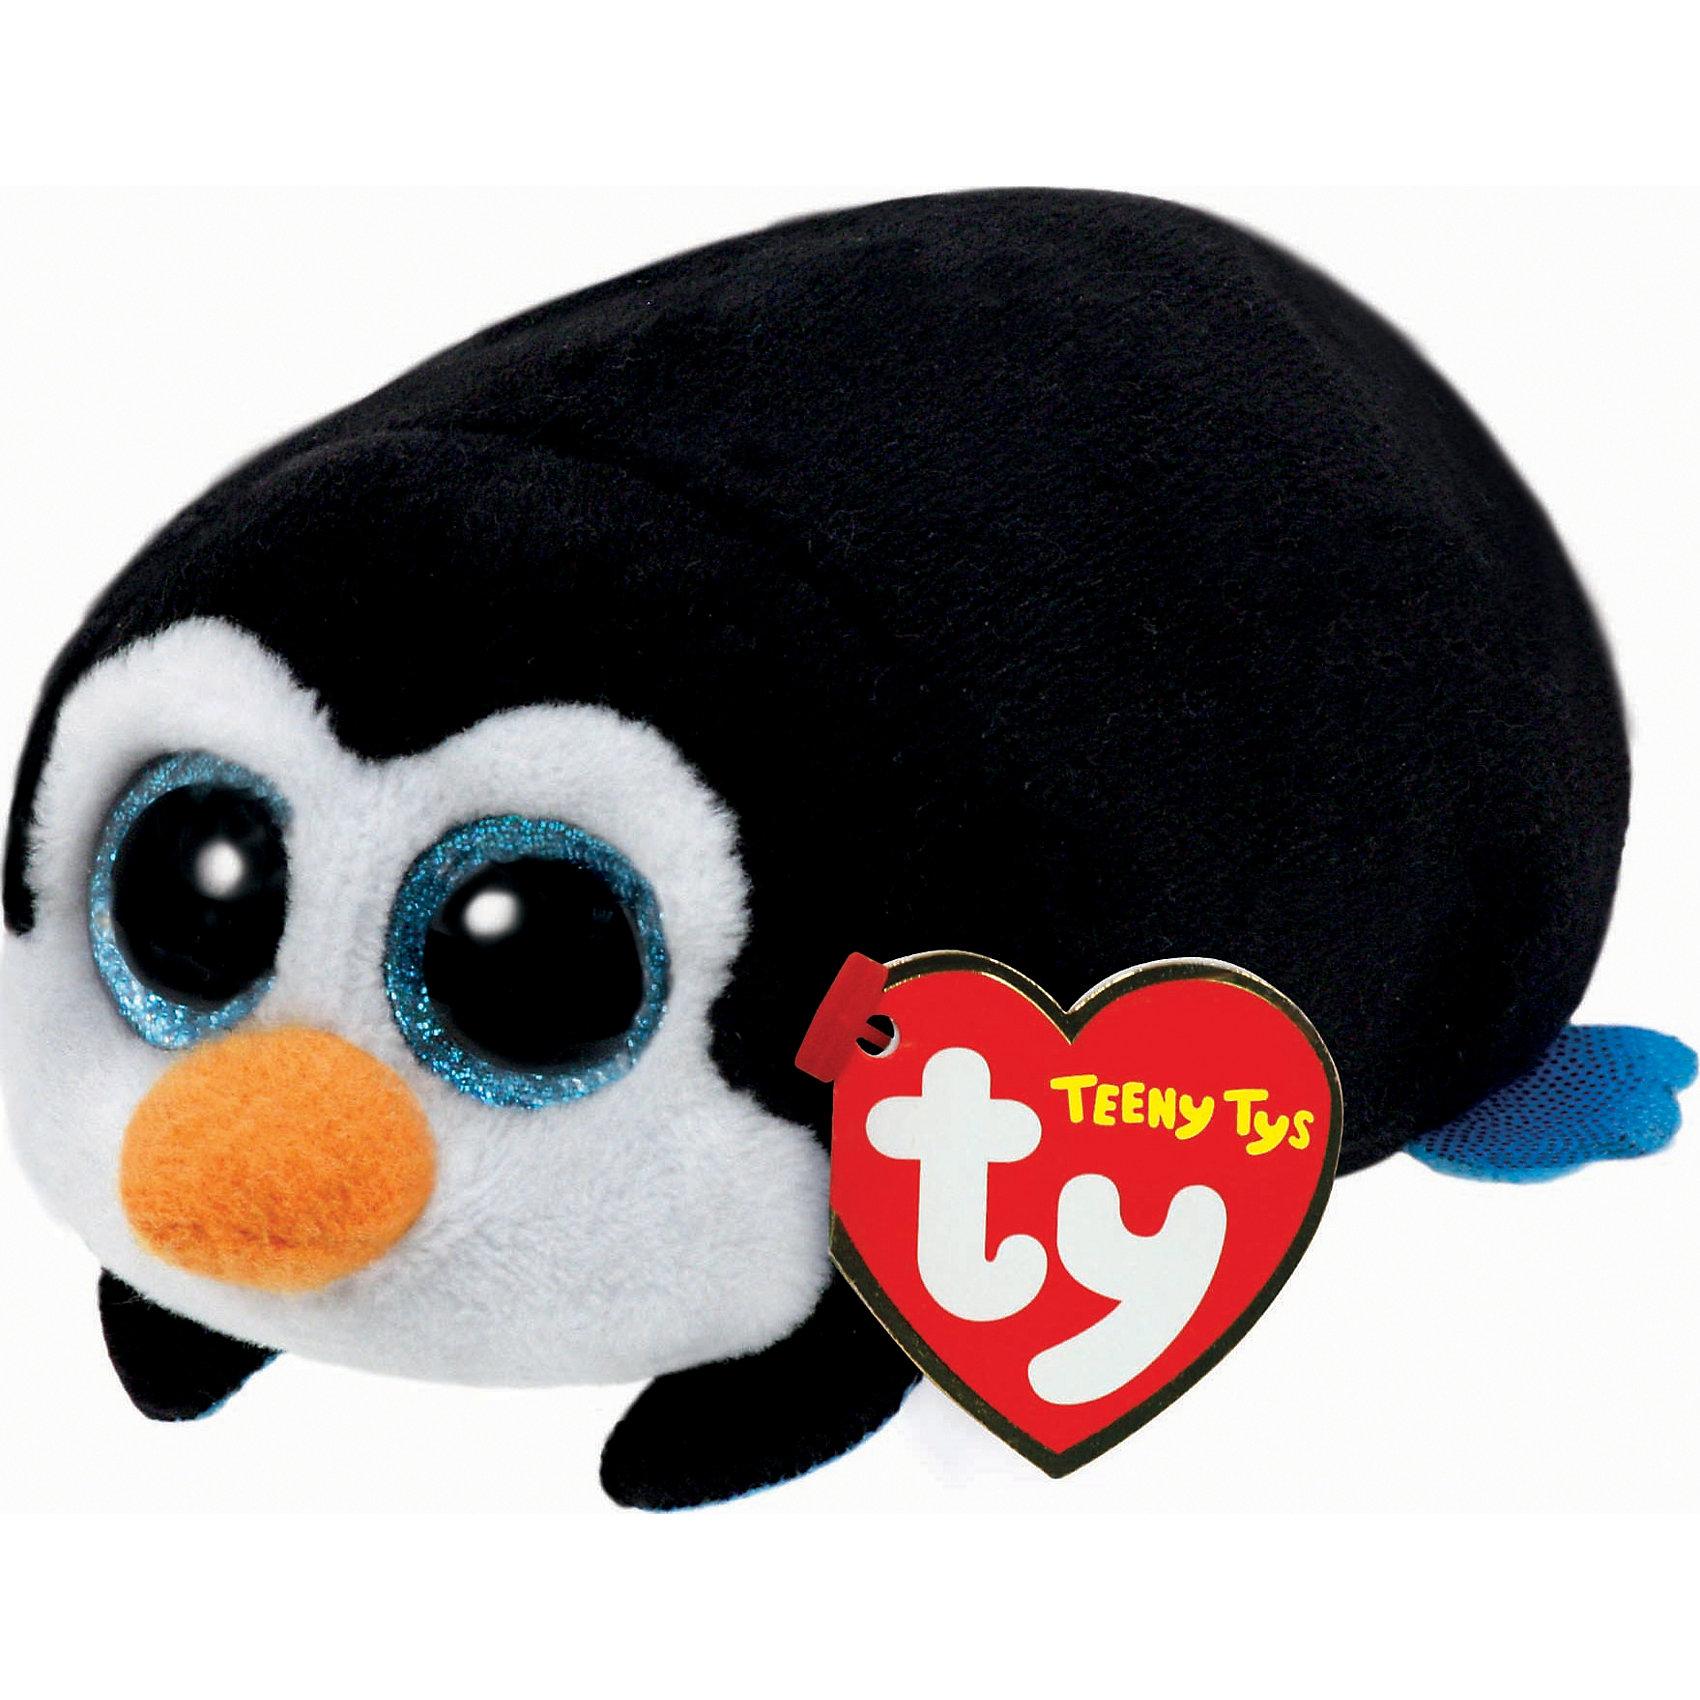 Мягкая игрушка Пингвин Pocket, 11 см, Teeny Tys, TyМягкая игрушка Пингвин Pocket, 11 см, Teeny Tys, Ty (Тай)<br><br>Характеристики:<br><br>• мягкий и приятный на ощупь<br>• внутри находятся специальные гранулы для развития тактильных навыков<br>• способствует развитию мелкой моторики<br>• удобно взять с собой<br>• материал: искусственный мех, текстиль, пластик<br>• изготовлена из безопасных материалов<br>• наполнитель: синтепон<br>• размер игрушки: 11 см<br><br>Пингвин Pocket станет для вашего ребенка верным другом в любой ситуации. Этот малыш имеет очень мягкую шерстку и большие сверкающие глазки. Перед таким милым взглядом не устоит ни один ребенок! Игрушка изготовлена из материалов, безопасных для ребенка. А внутри находятся специальные гранулы, помогающие в развитии моторики рук и тактильных ощущений.<br><br>Мягкую игрушку Пингвин Pocket, 11 см, Teeny Tys, Ty (Тай) можно купить в нашем интернет-магазине.<br><br>Ширина мм: 55<br>Глубина мм: 100<br>Высота мм: 45<br>Вес г: 42<br>Возраст от месяцев: 12<br>Возраст до месяцев: 72<br>Пол: Женский<br>Возраст: Детский<br>SKU: 4787359